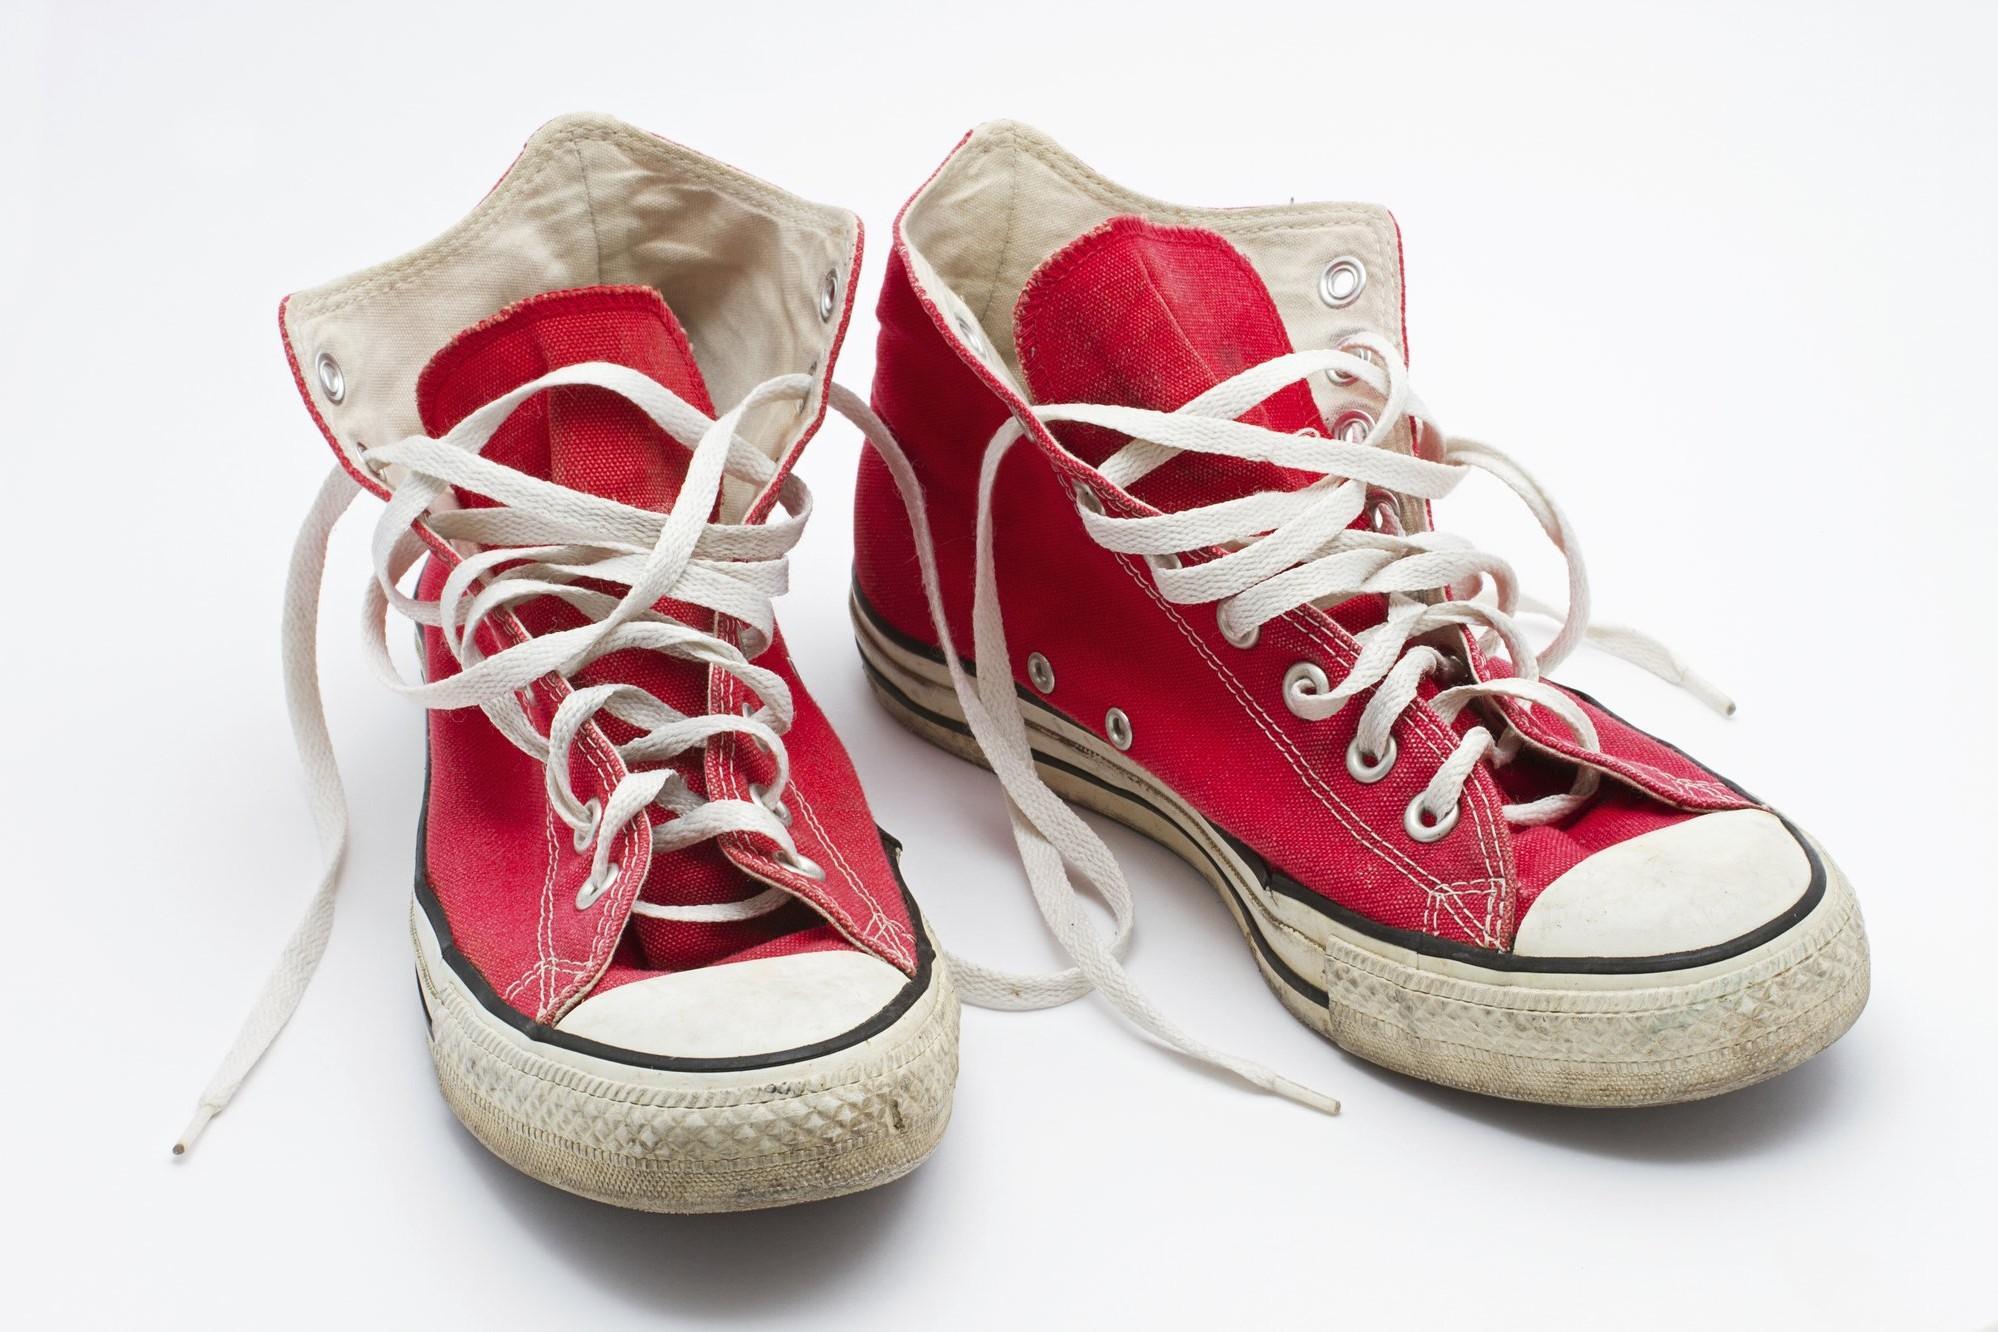 come-pulire-velocemente-le-scarpe_3f676a35e5b608df9f3fc1d338649fea